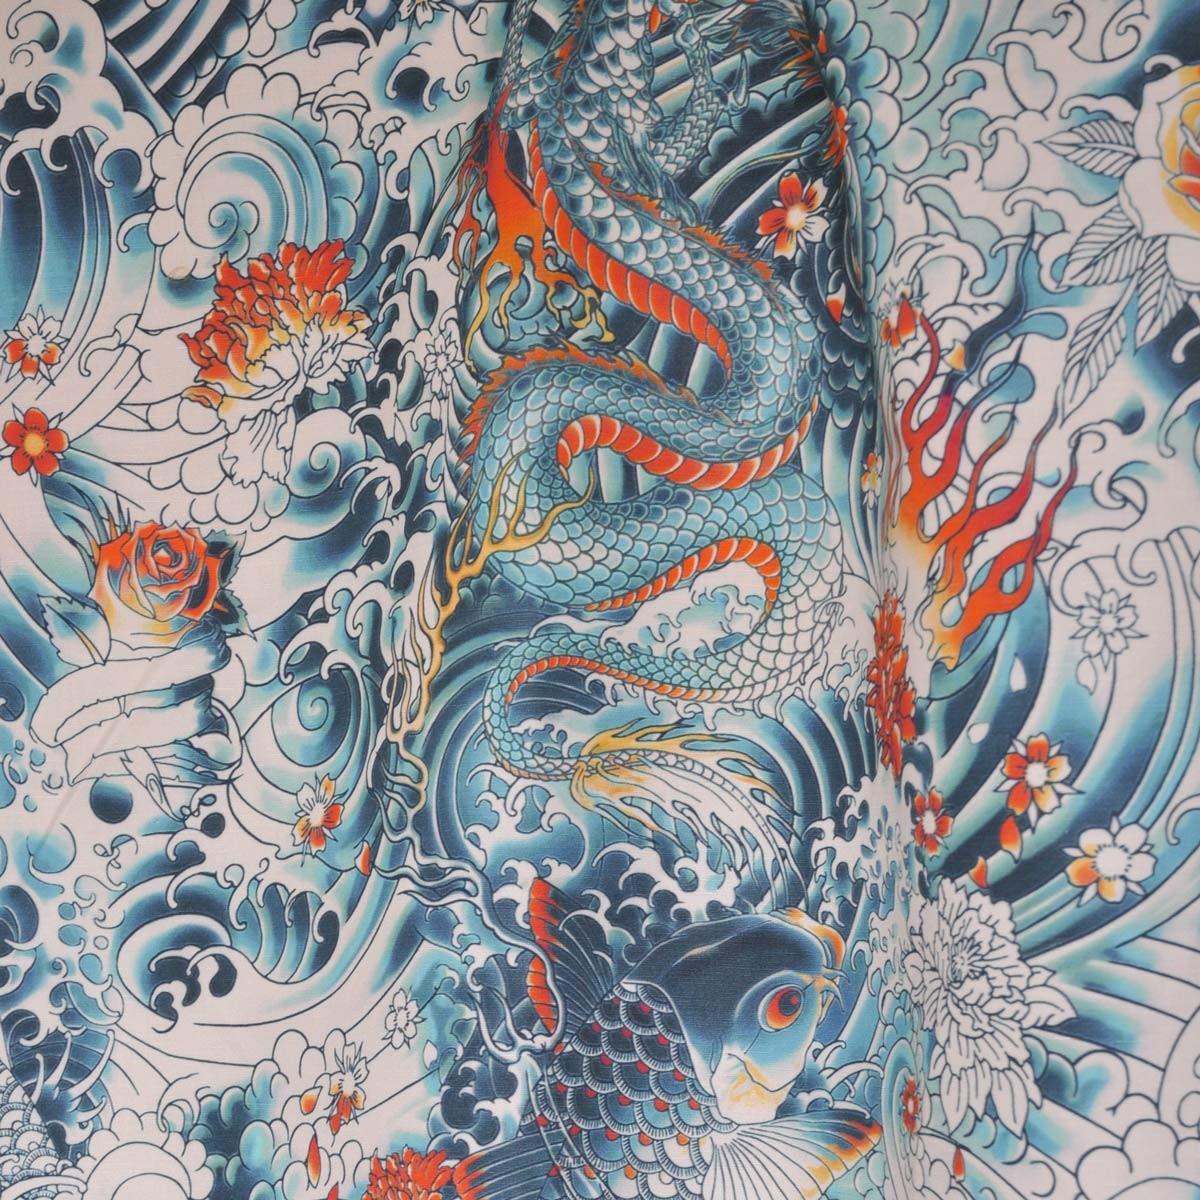 Rock tissu ameublement imprim lavable jp gaultier pour leli vre pour rideaux - Lelievre tissu ameublement ...